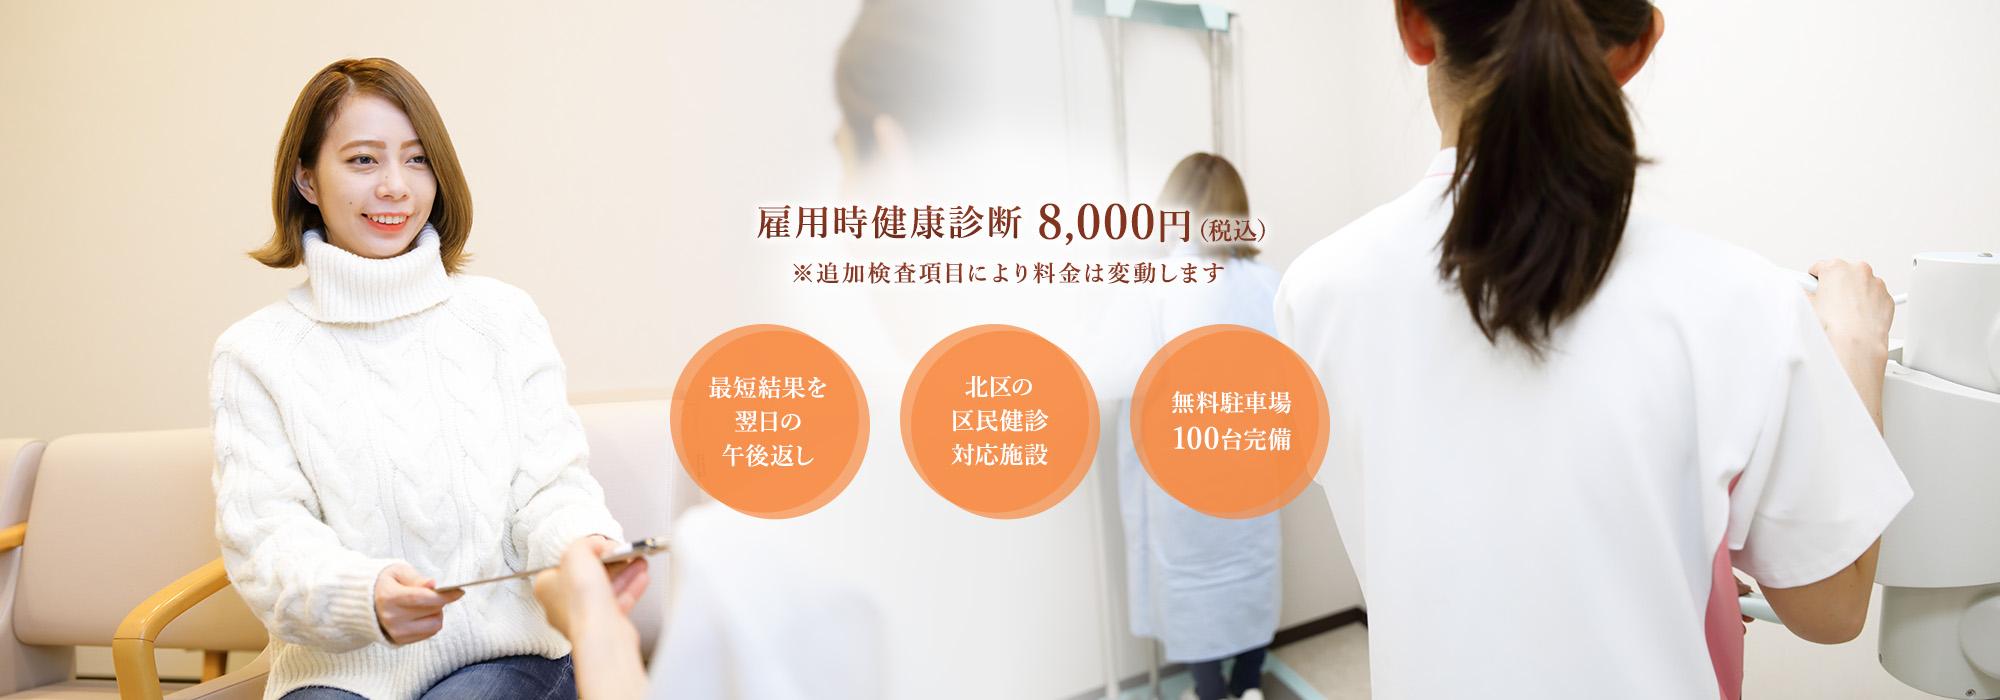 地域最安値の雇用前健康診断8,000円(税込)